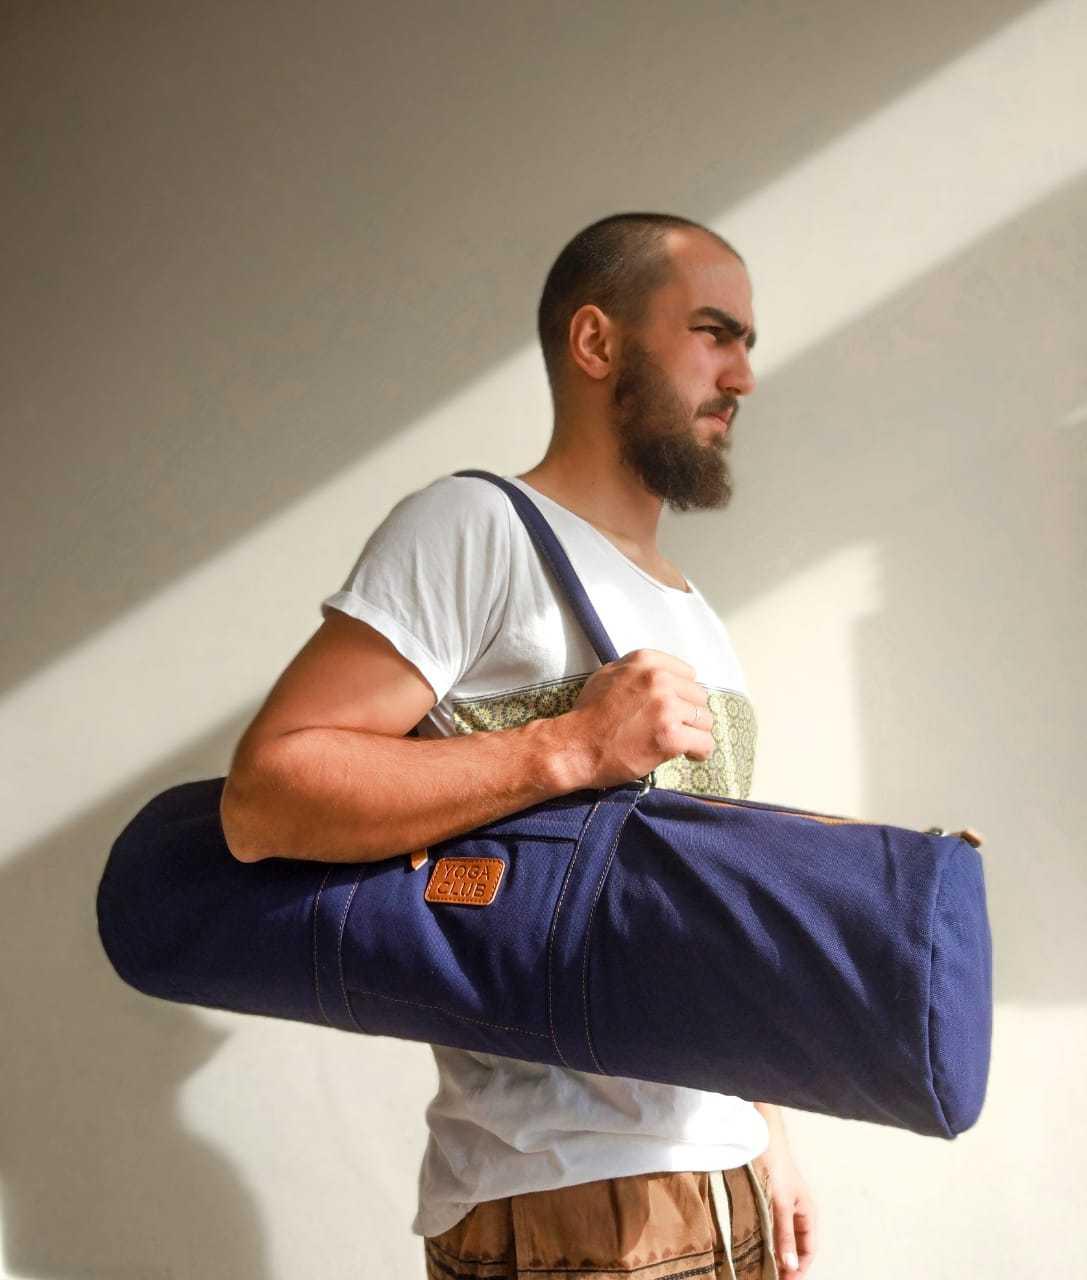 Сумка хлопковая для йога коврика Yoga Club (под заказ из СПб)